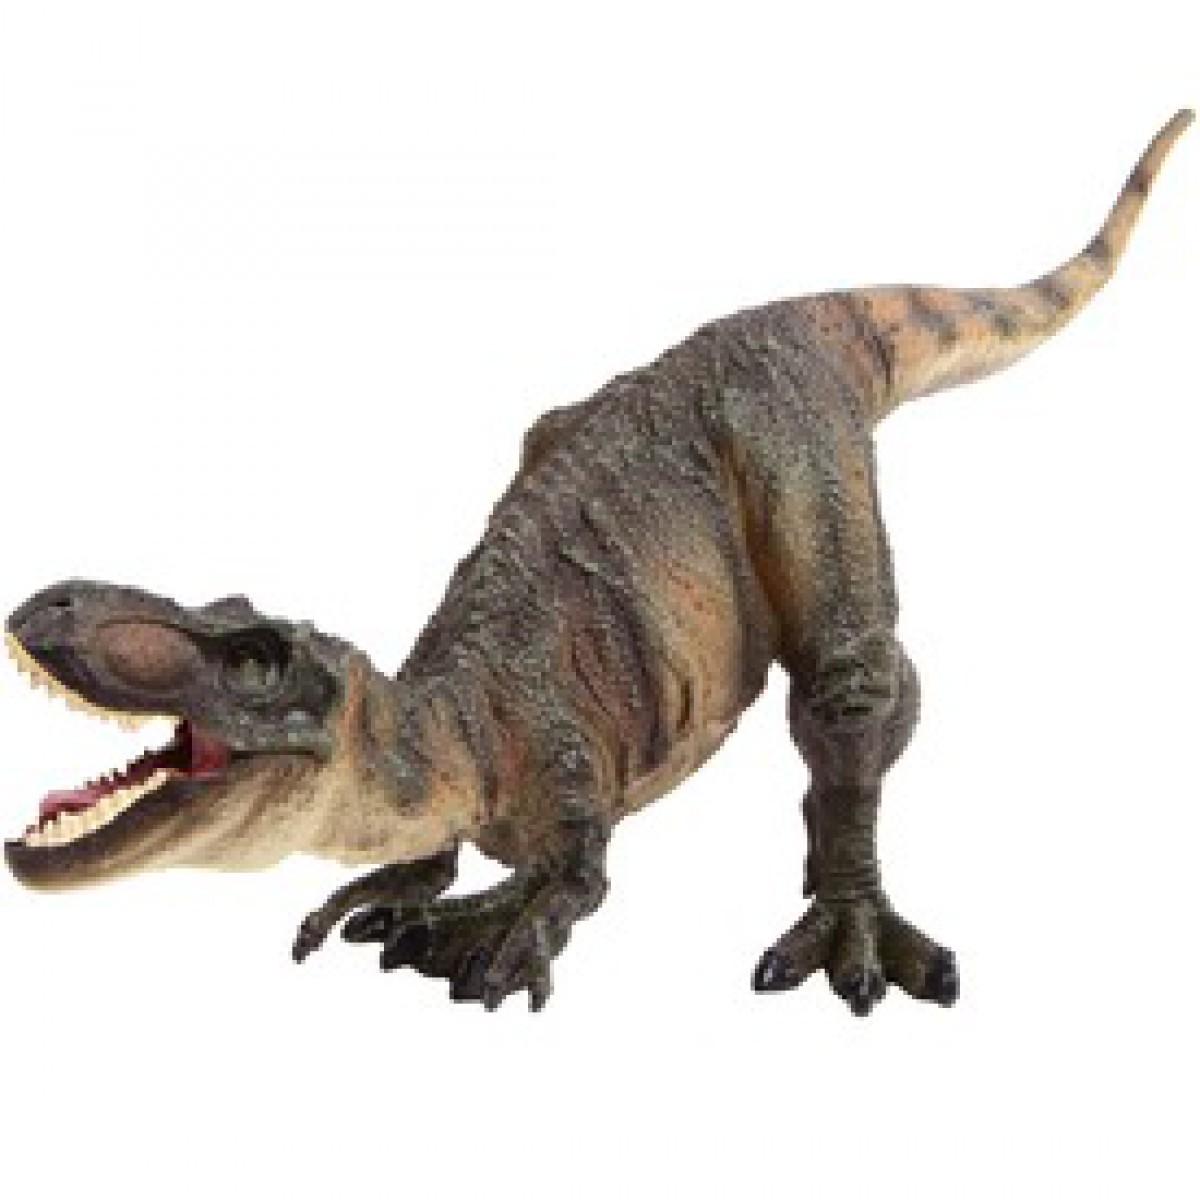 Tyrannosaurus Rex dinoszaurusz figura - 25 cm - Dínós játékok ... 01cfdd637c